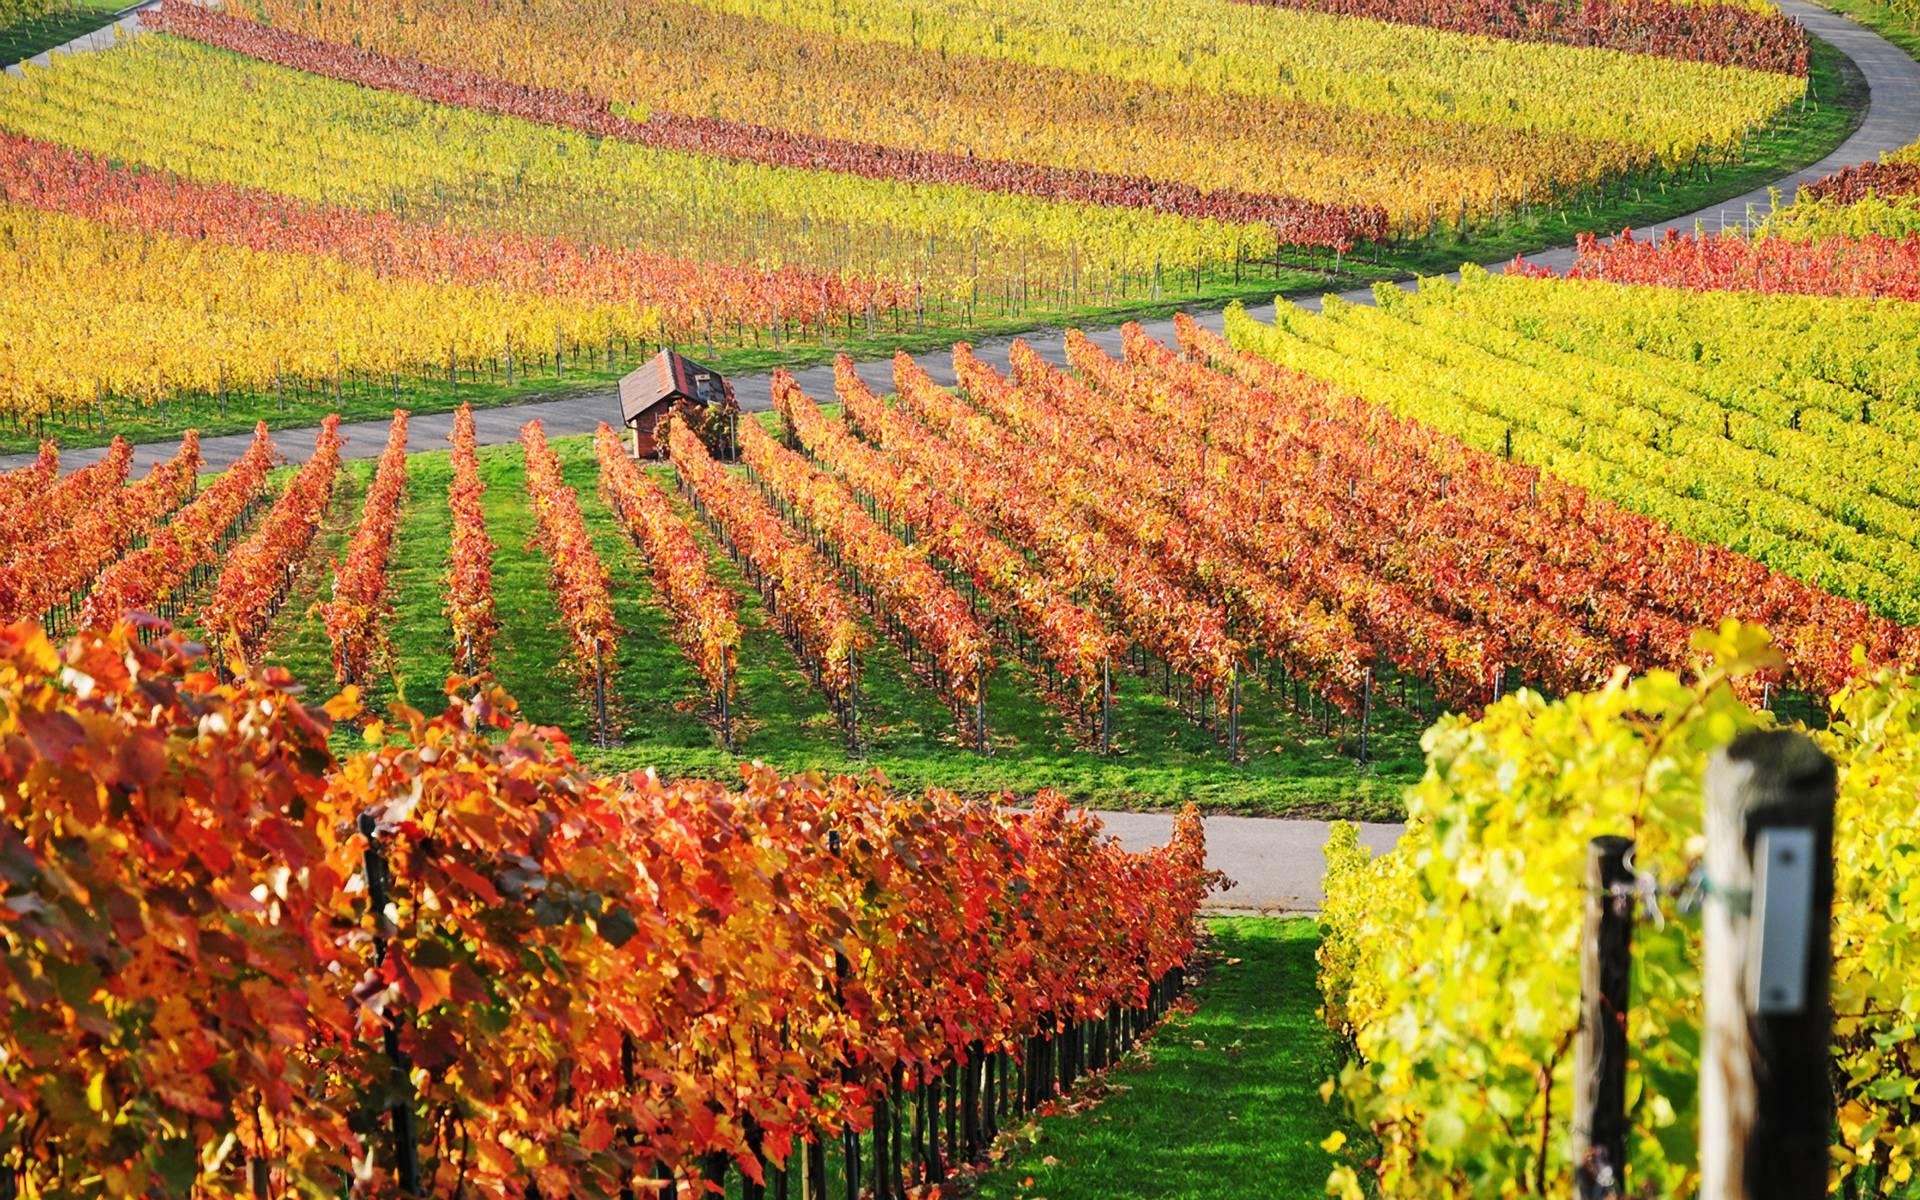 vineyard computer wallpapers desktop backgrounds 1920x1200 id 155124